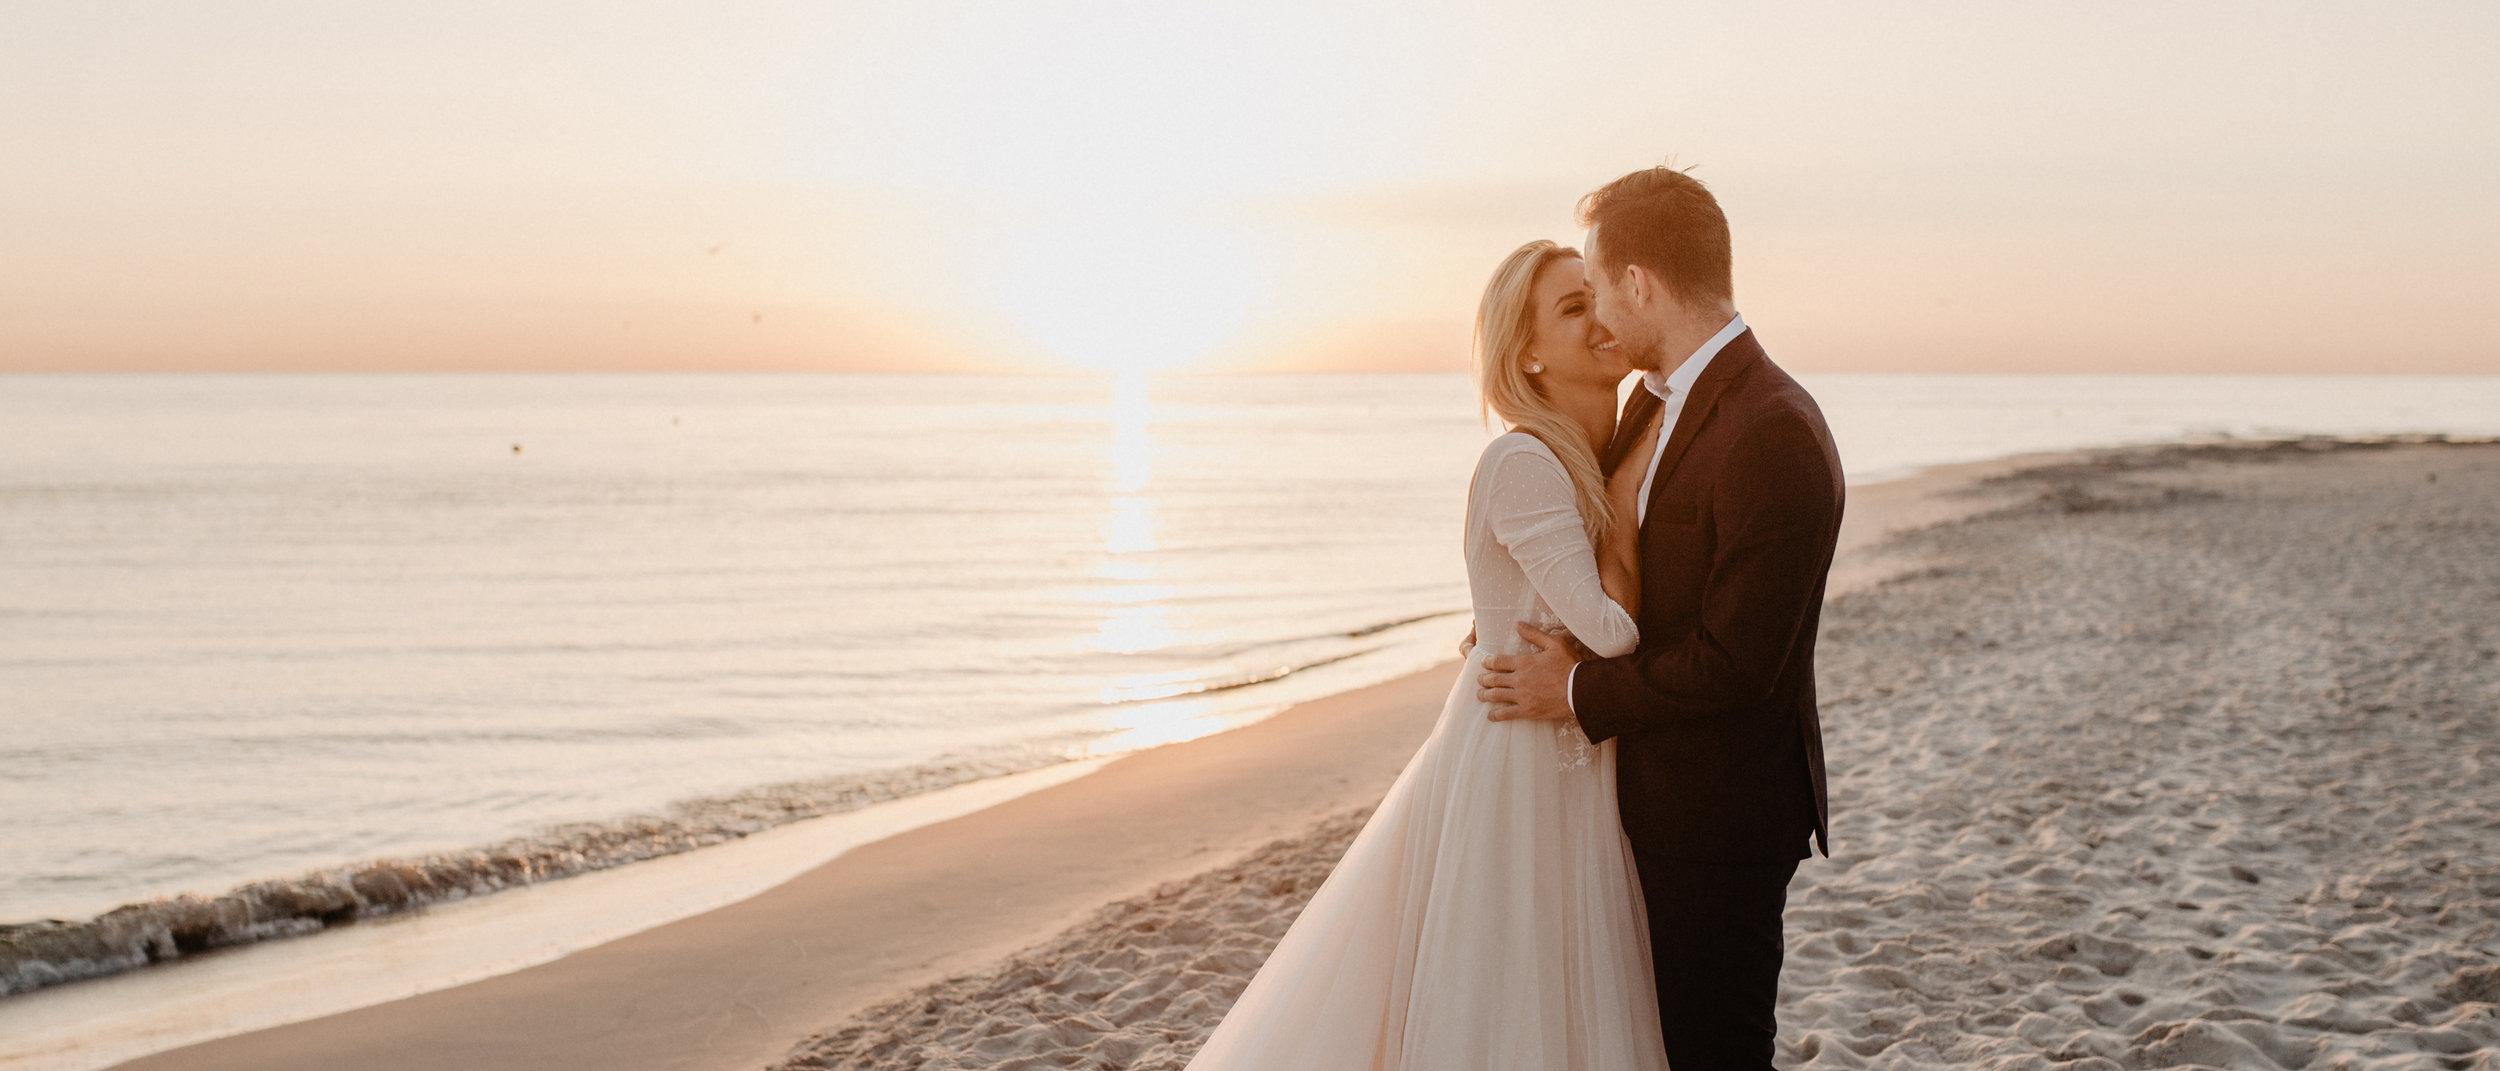 ANETA & MICHAL CINEMATIC WEDDING FILM - Tym razem nie tylko weselnie ale i rodzinnie. Poznajcie Anetę, Michała i ich małego cudownego Kacperka, który sprawia niesamowite uśmiechi i tak szczere emocje, że trudno przekazać słowami.